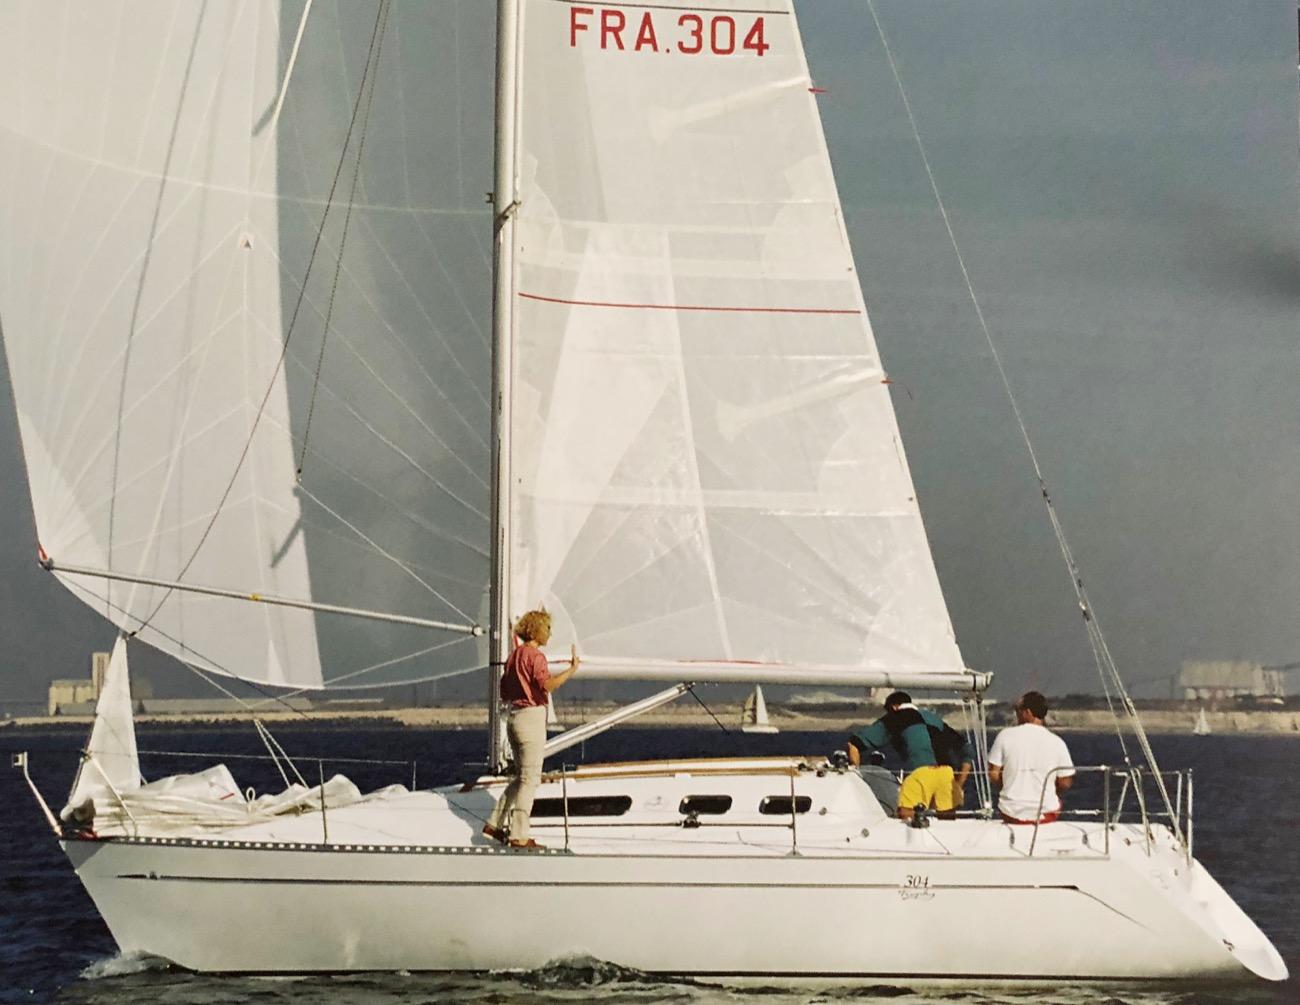 voilier Dufour 304 Trophy Dufour Yachts